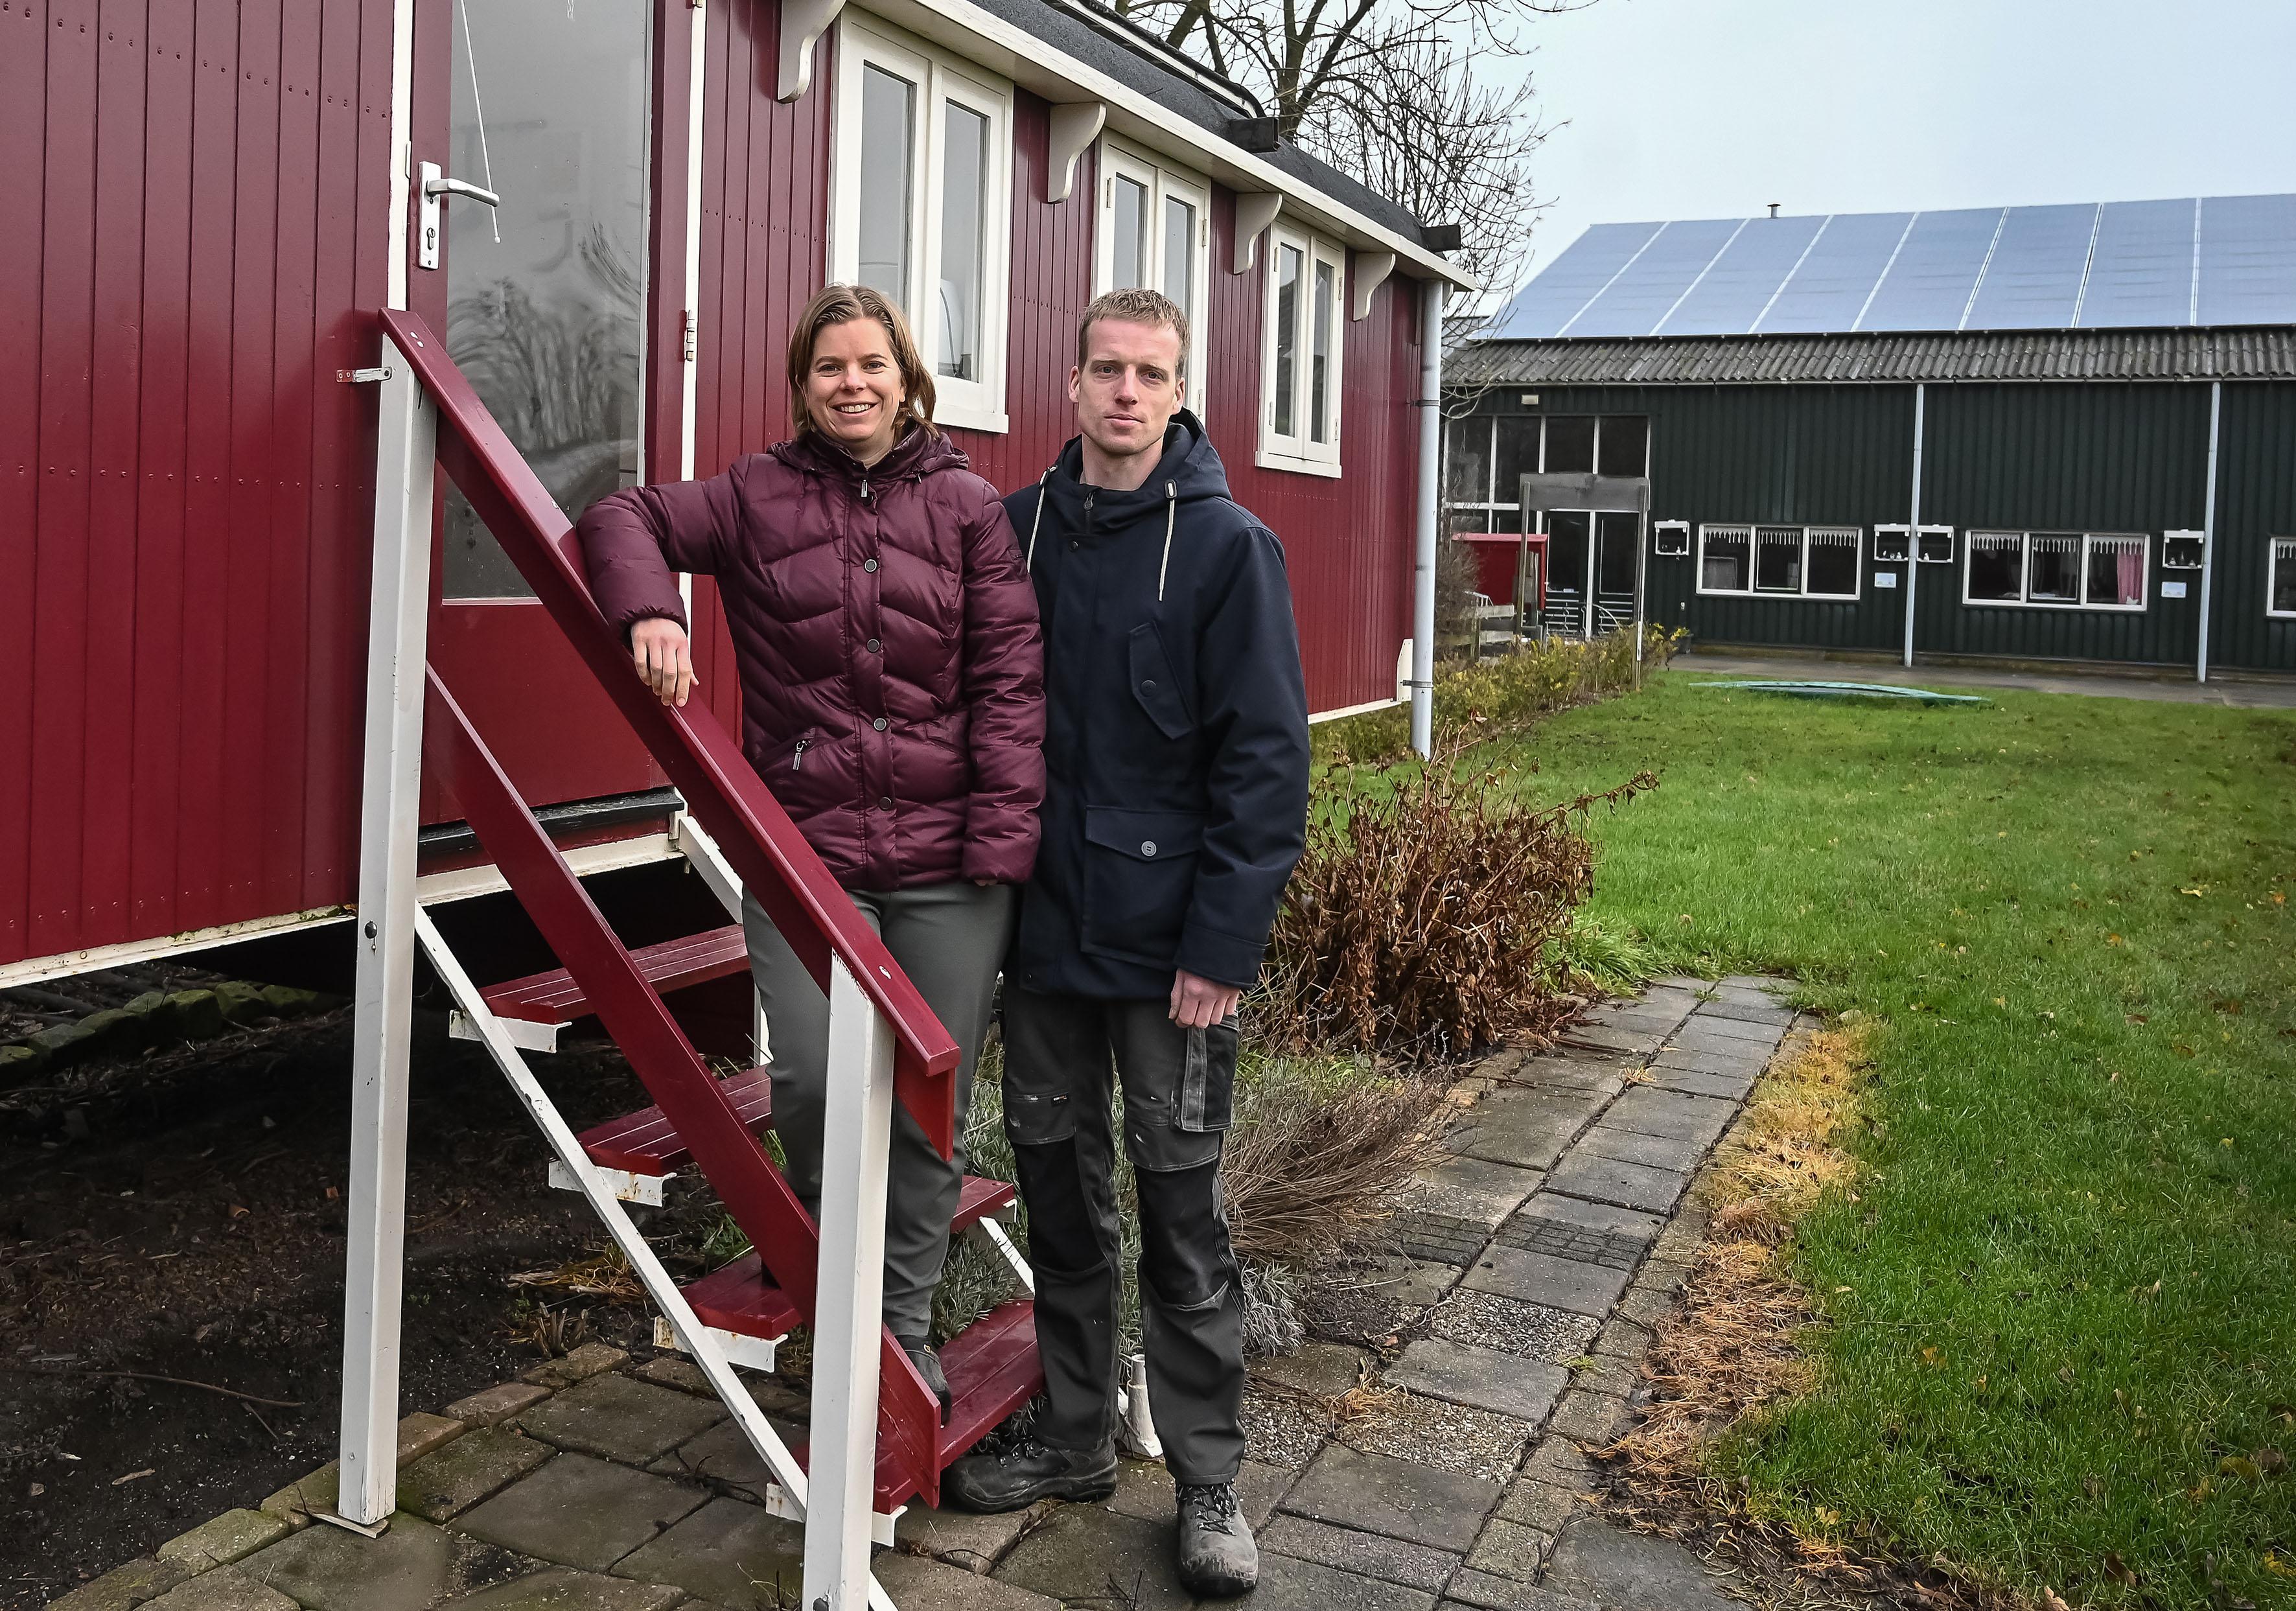 Nieuwe eigenaars camping De Gouwe Stek in Bovenkarspel maken zware tijden door: 'Zelfs het blotevoetenpad moet gesloten blijven'